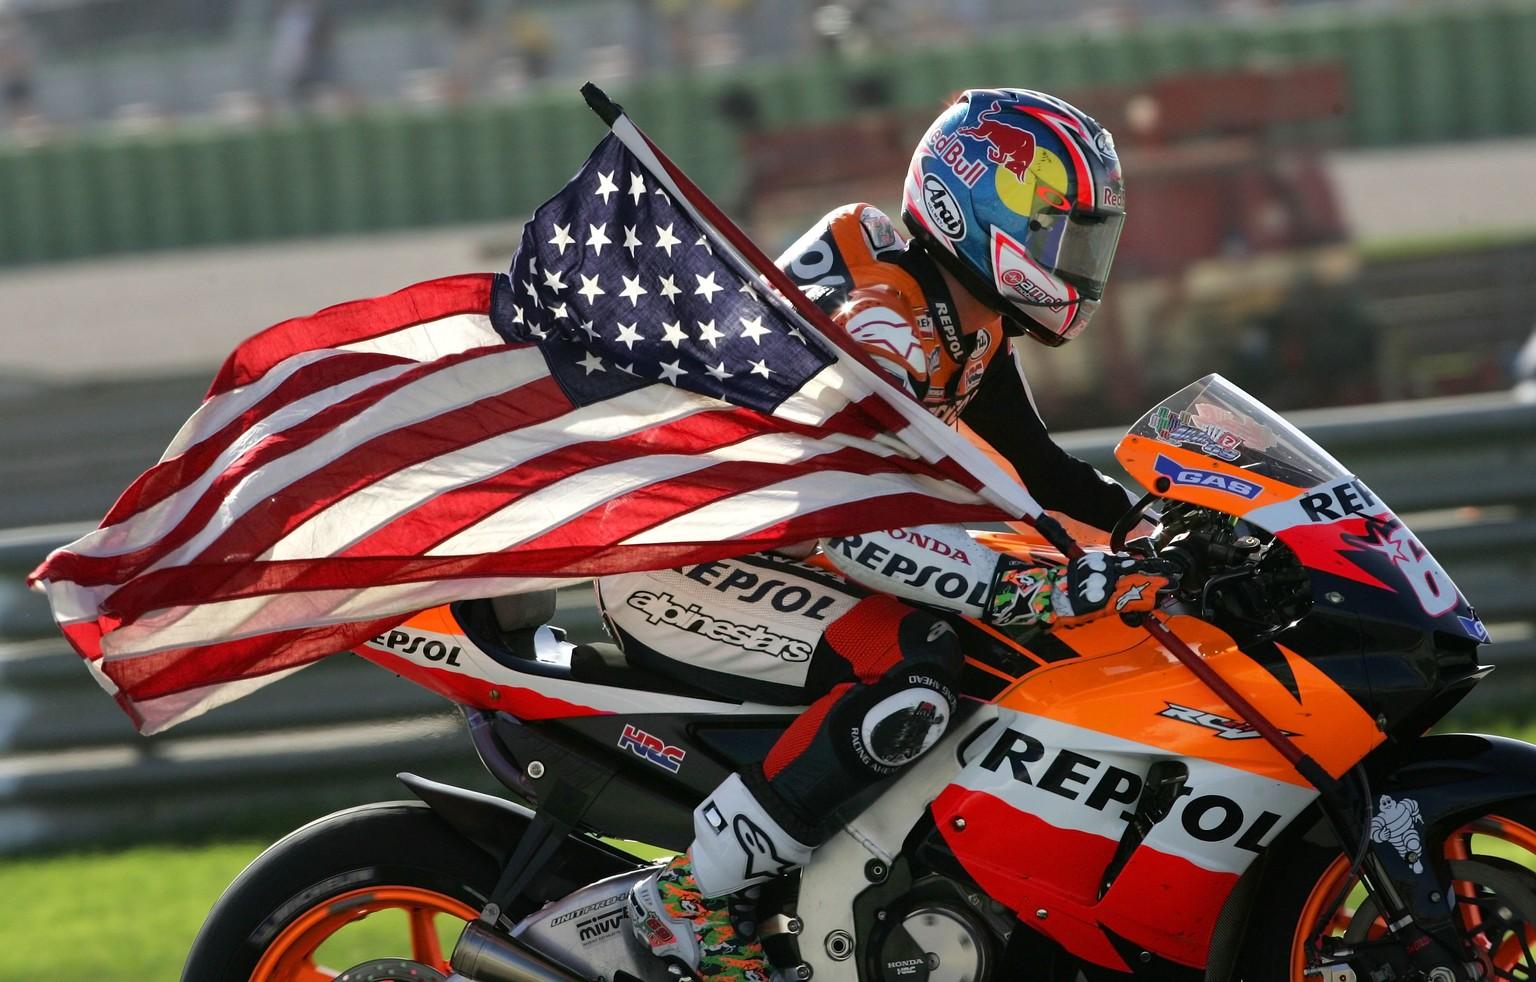 Fahrrad-Unfall in Italien: Ex-Motorrad-Champion Nicky Hayden tot